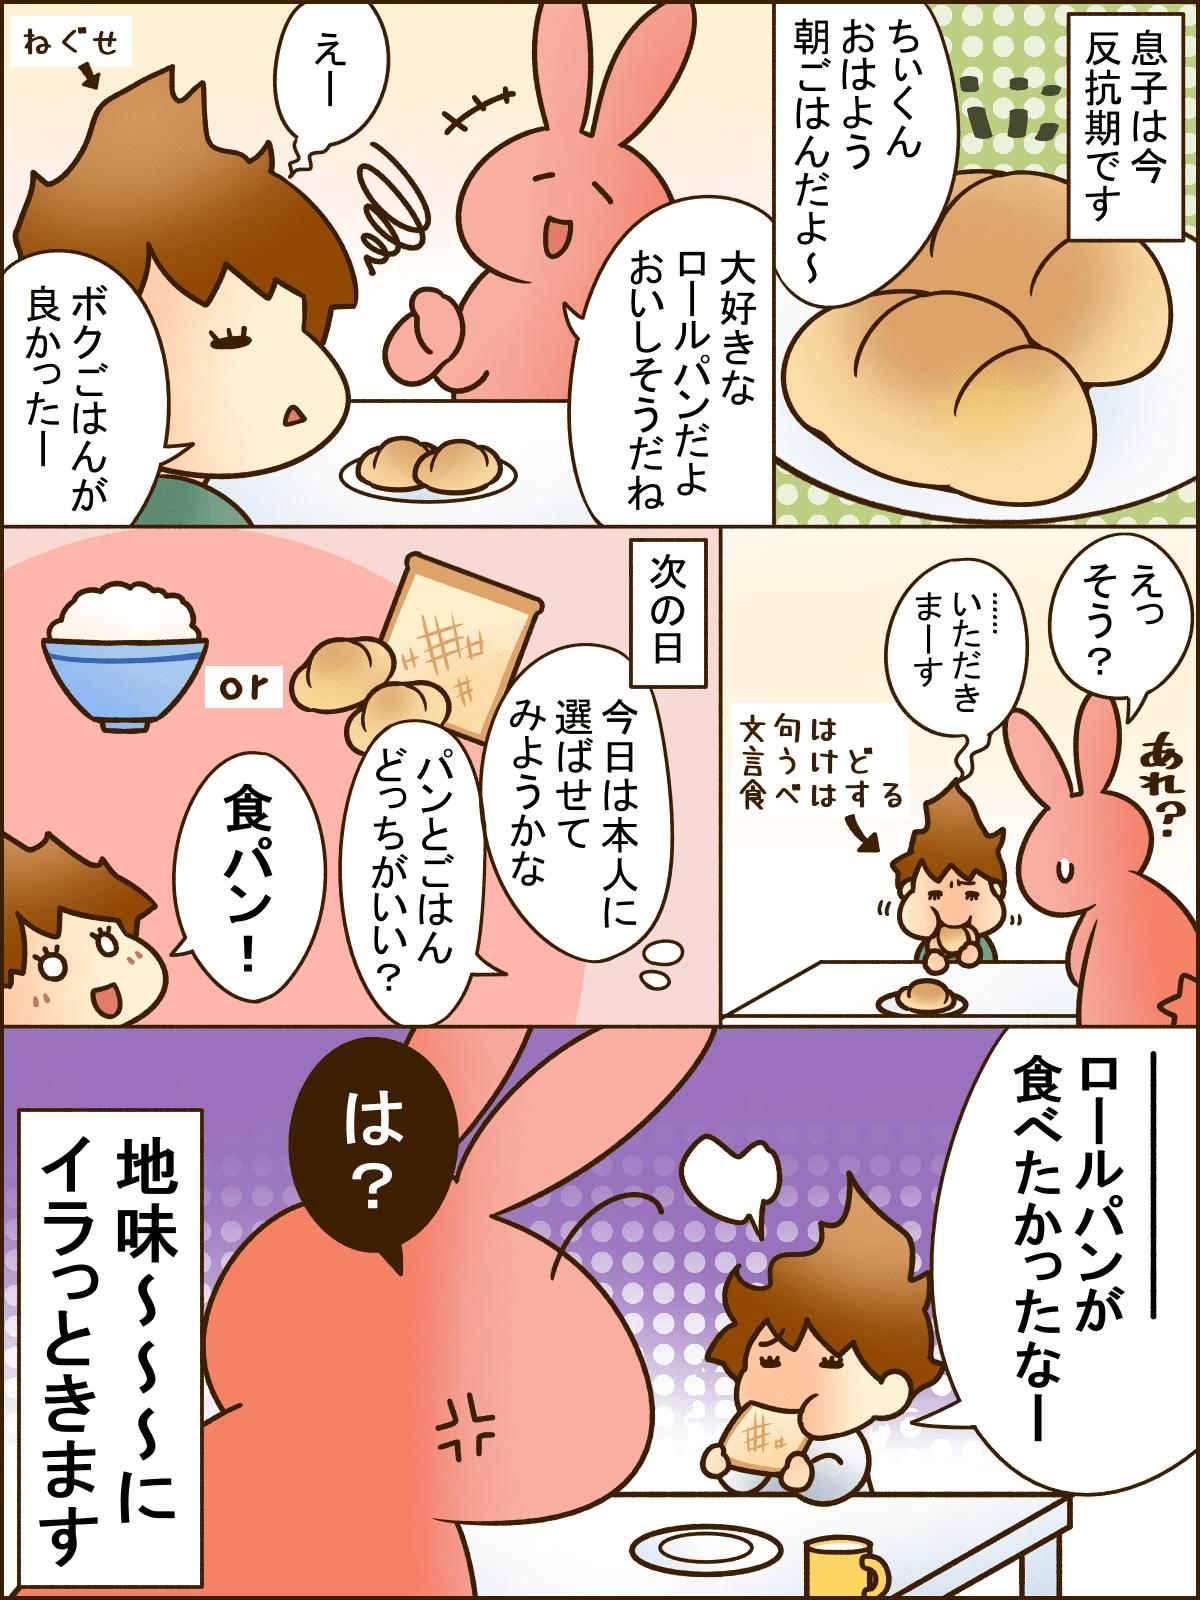 【完成版】335ちぃくんの4歳バースデー02